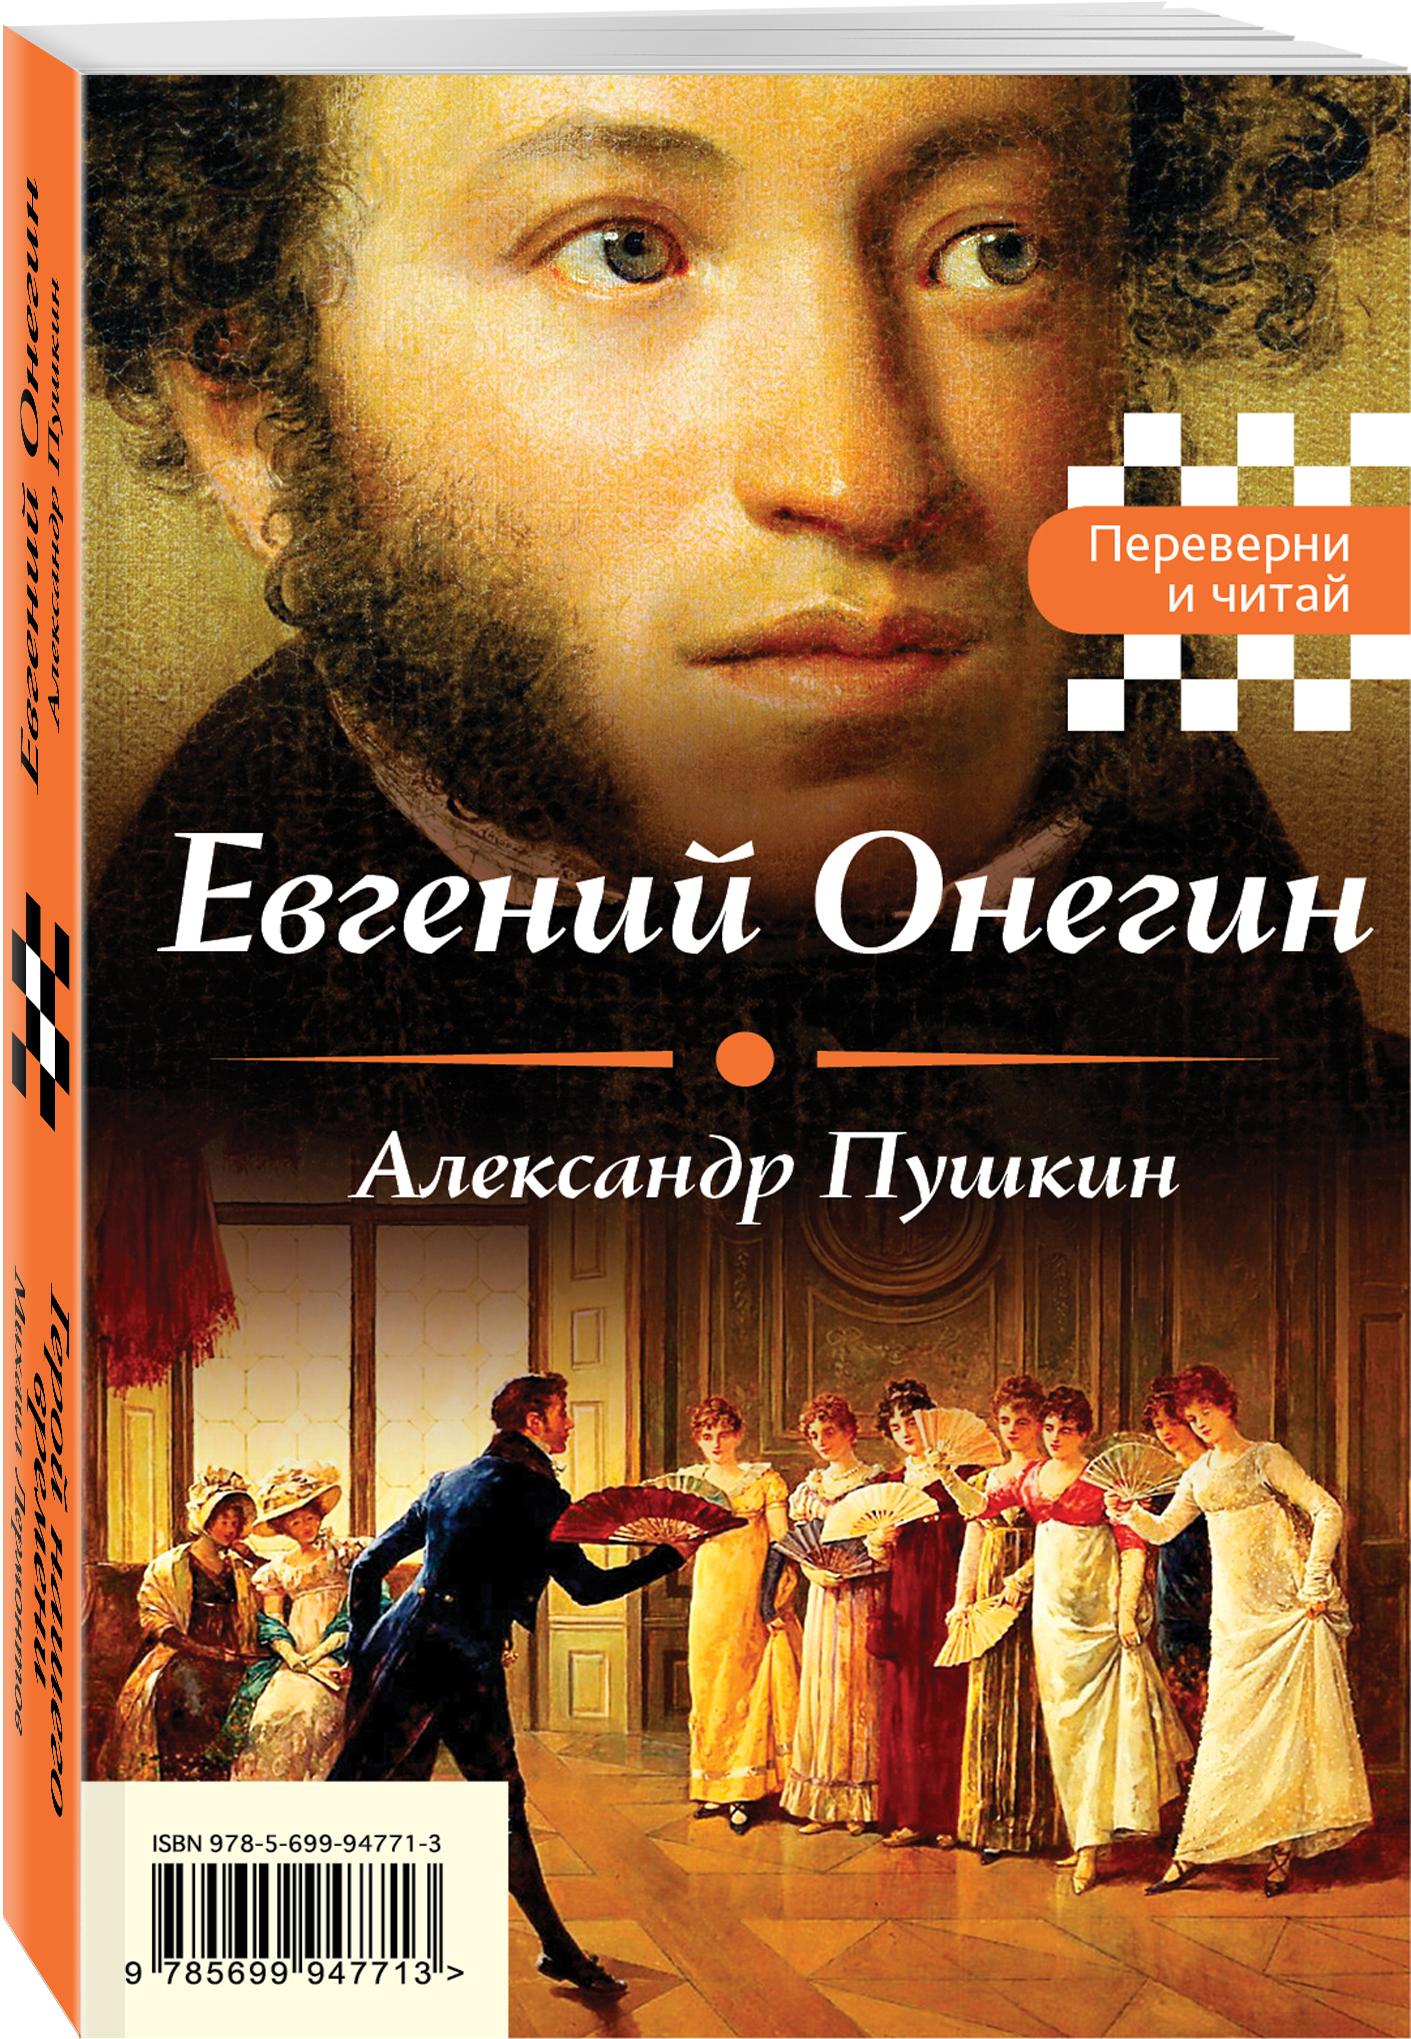 Пушкин А.С., Лермонтов М.Ю. Евгений Онегин. Герой нашего времени